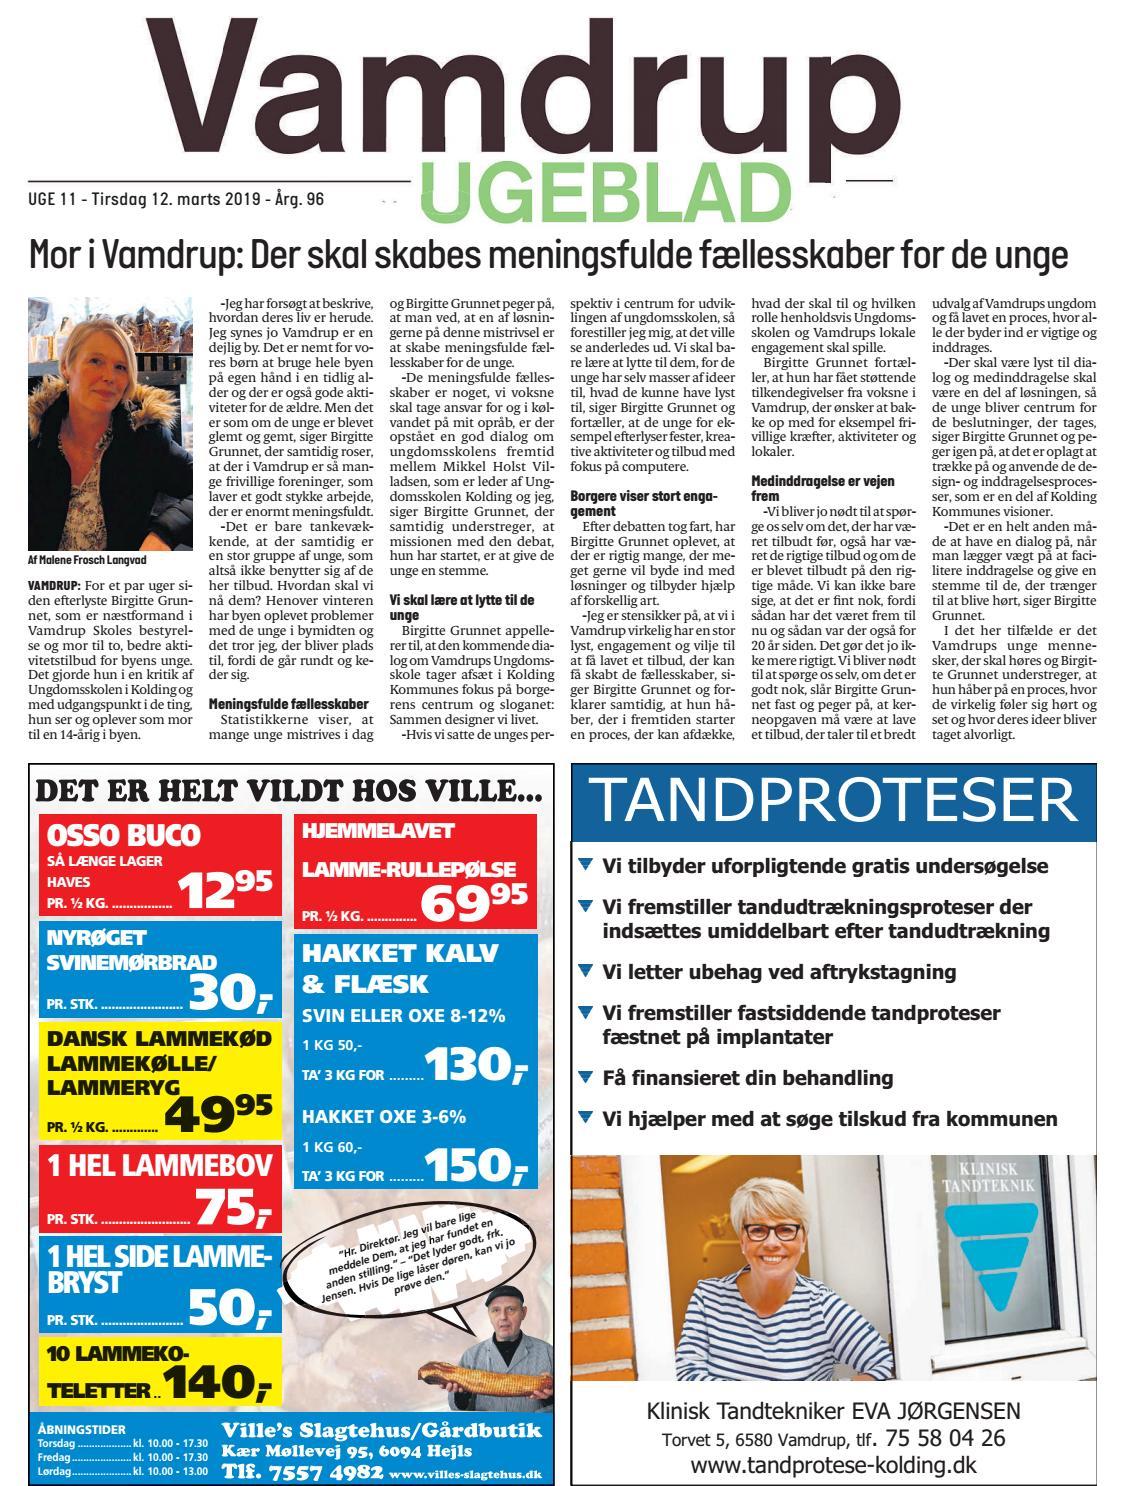 ae946f08 Uge 11 Vamdrup Ugeblad by Vamdrup Ugeblad - issuu